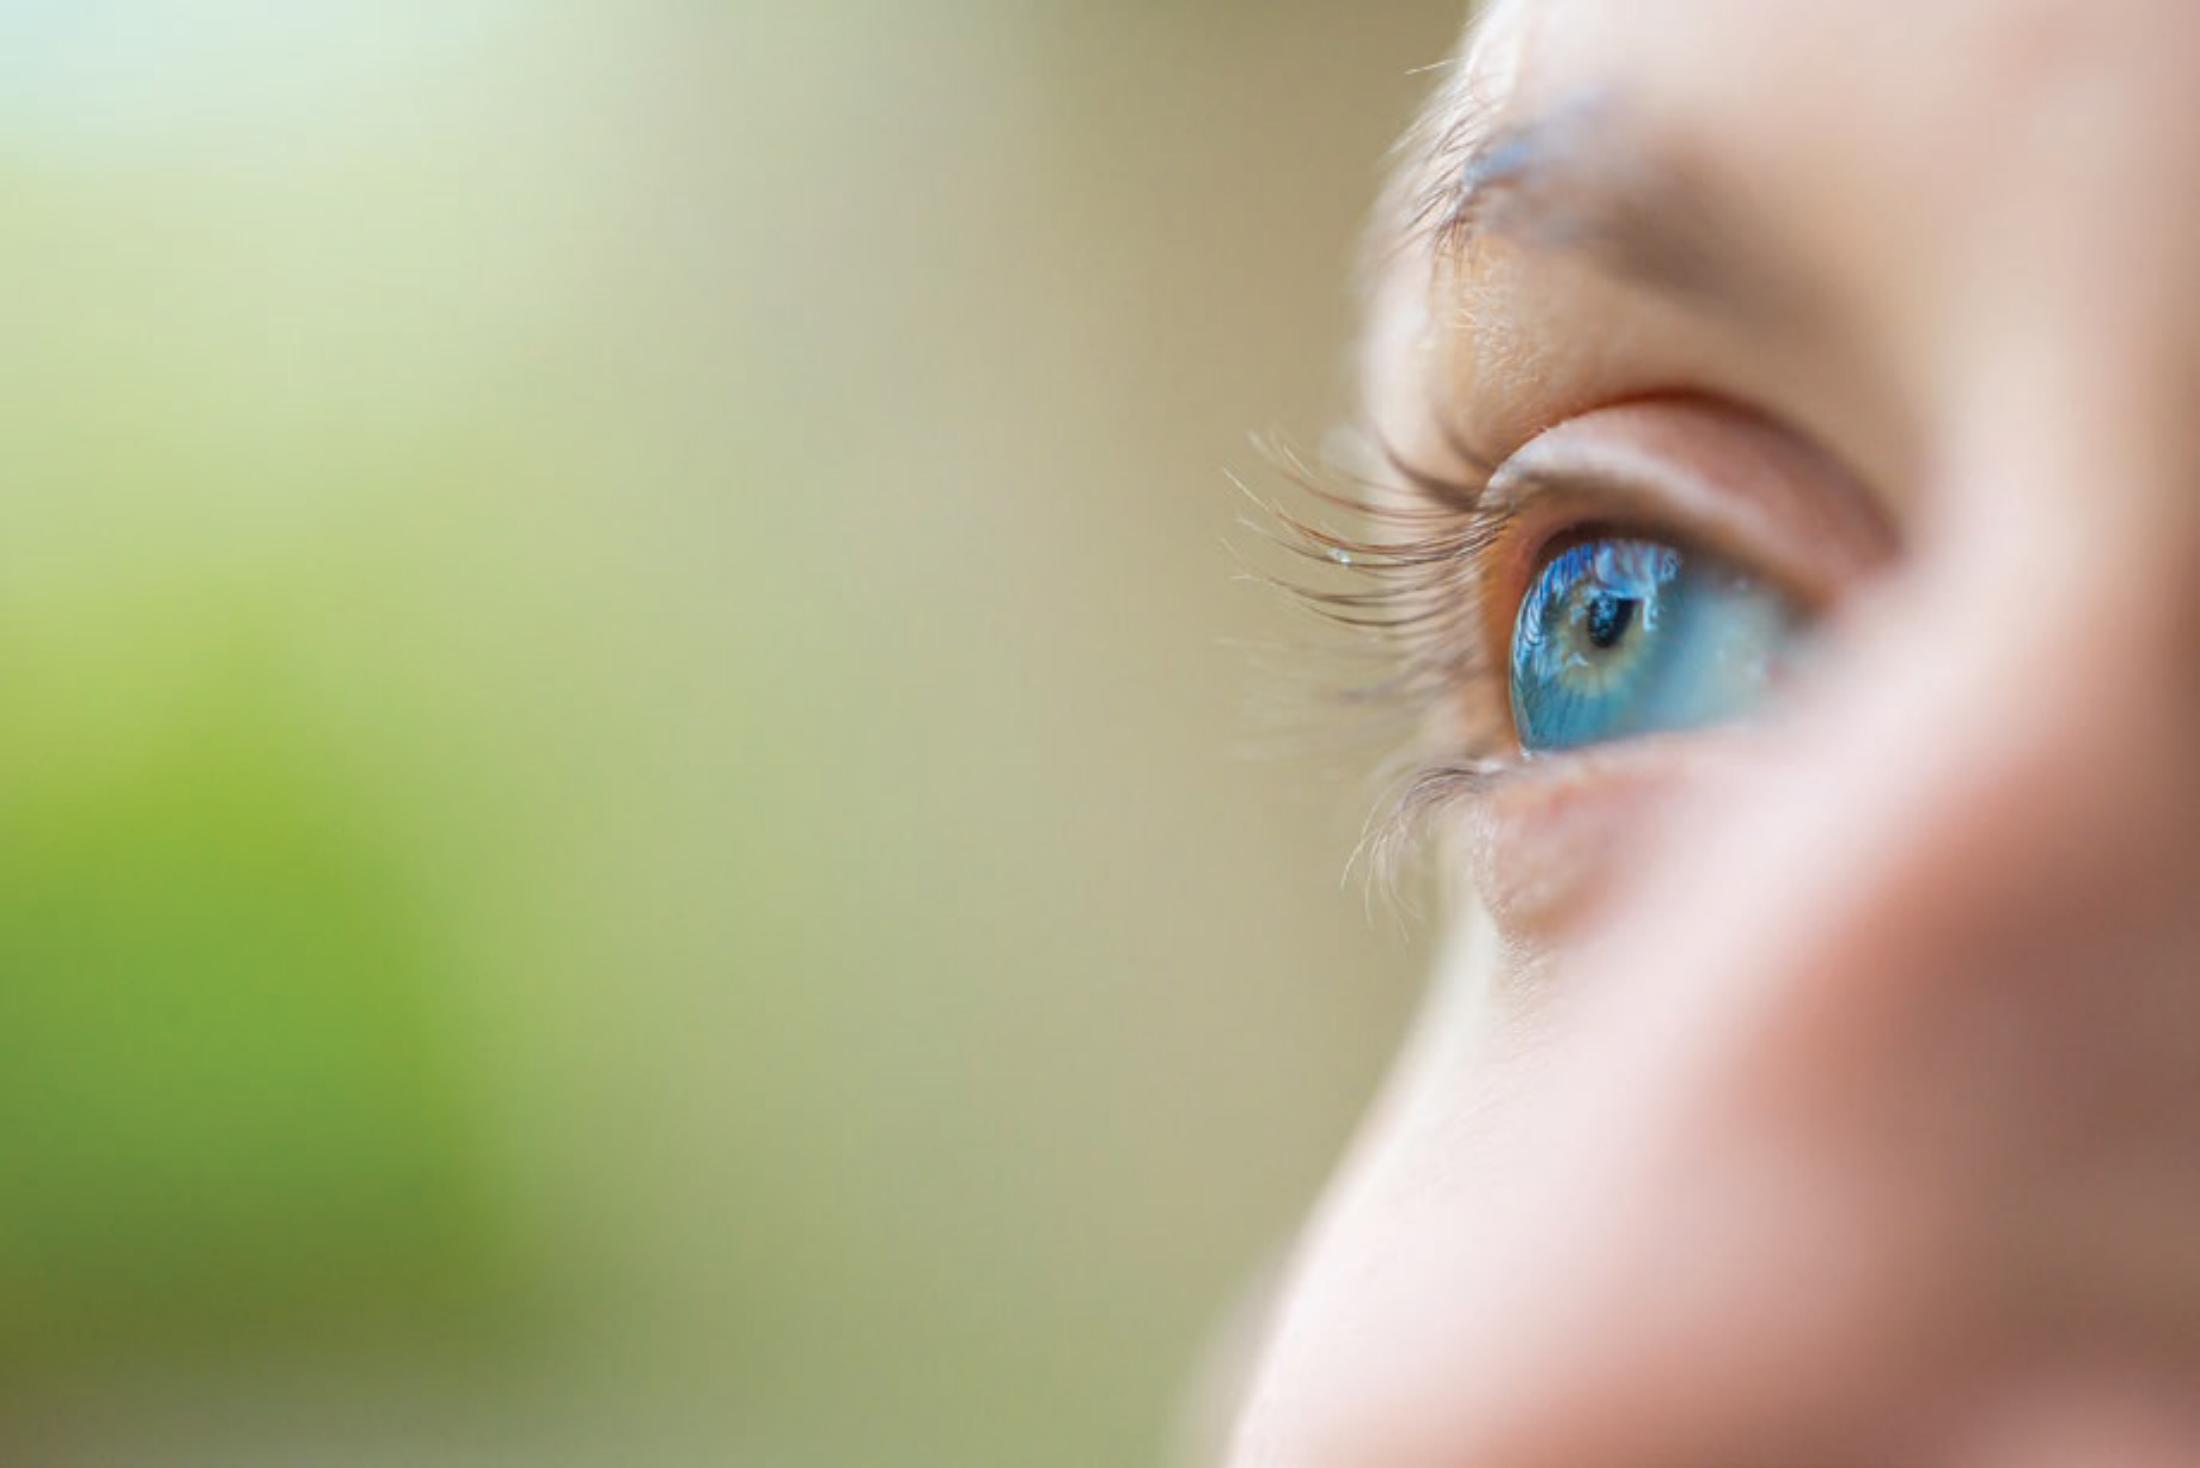 Preventing blindness